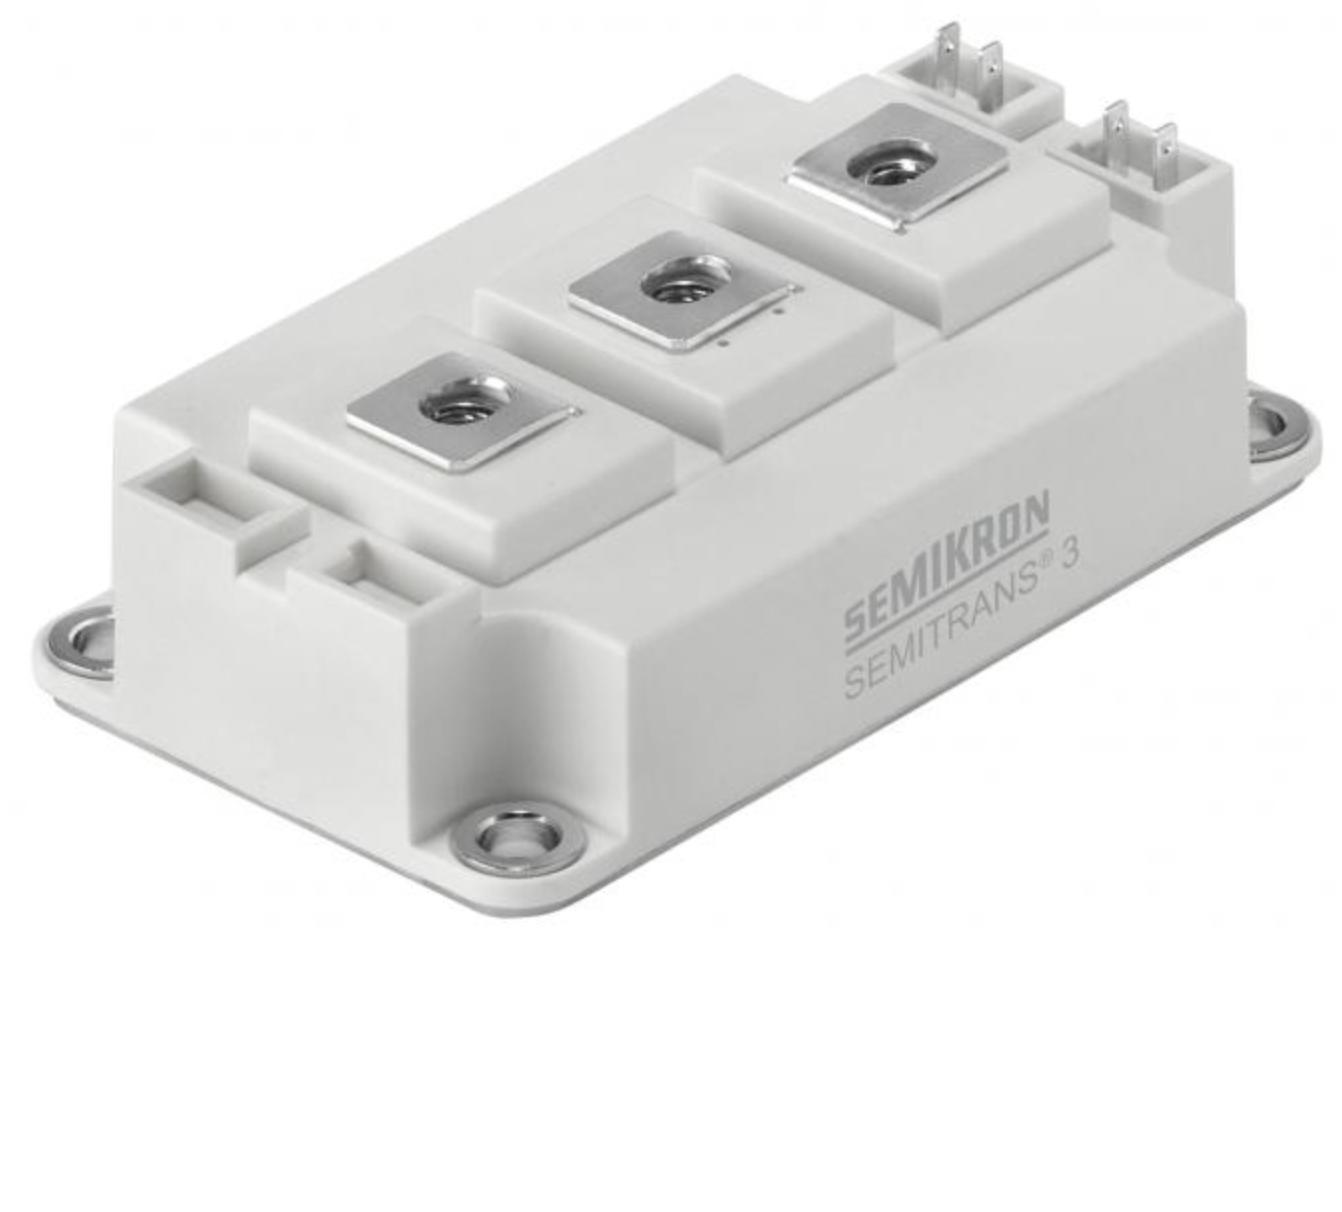 Good Quality Original And Certified SKM400GB07E3 From Germany Sensor Hardware Temperature Sensor